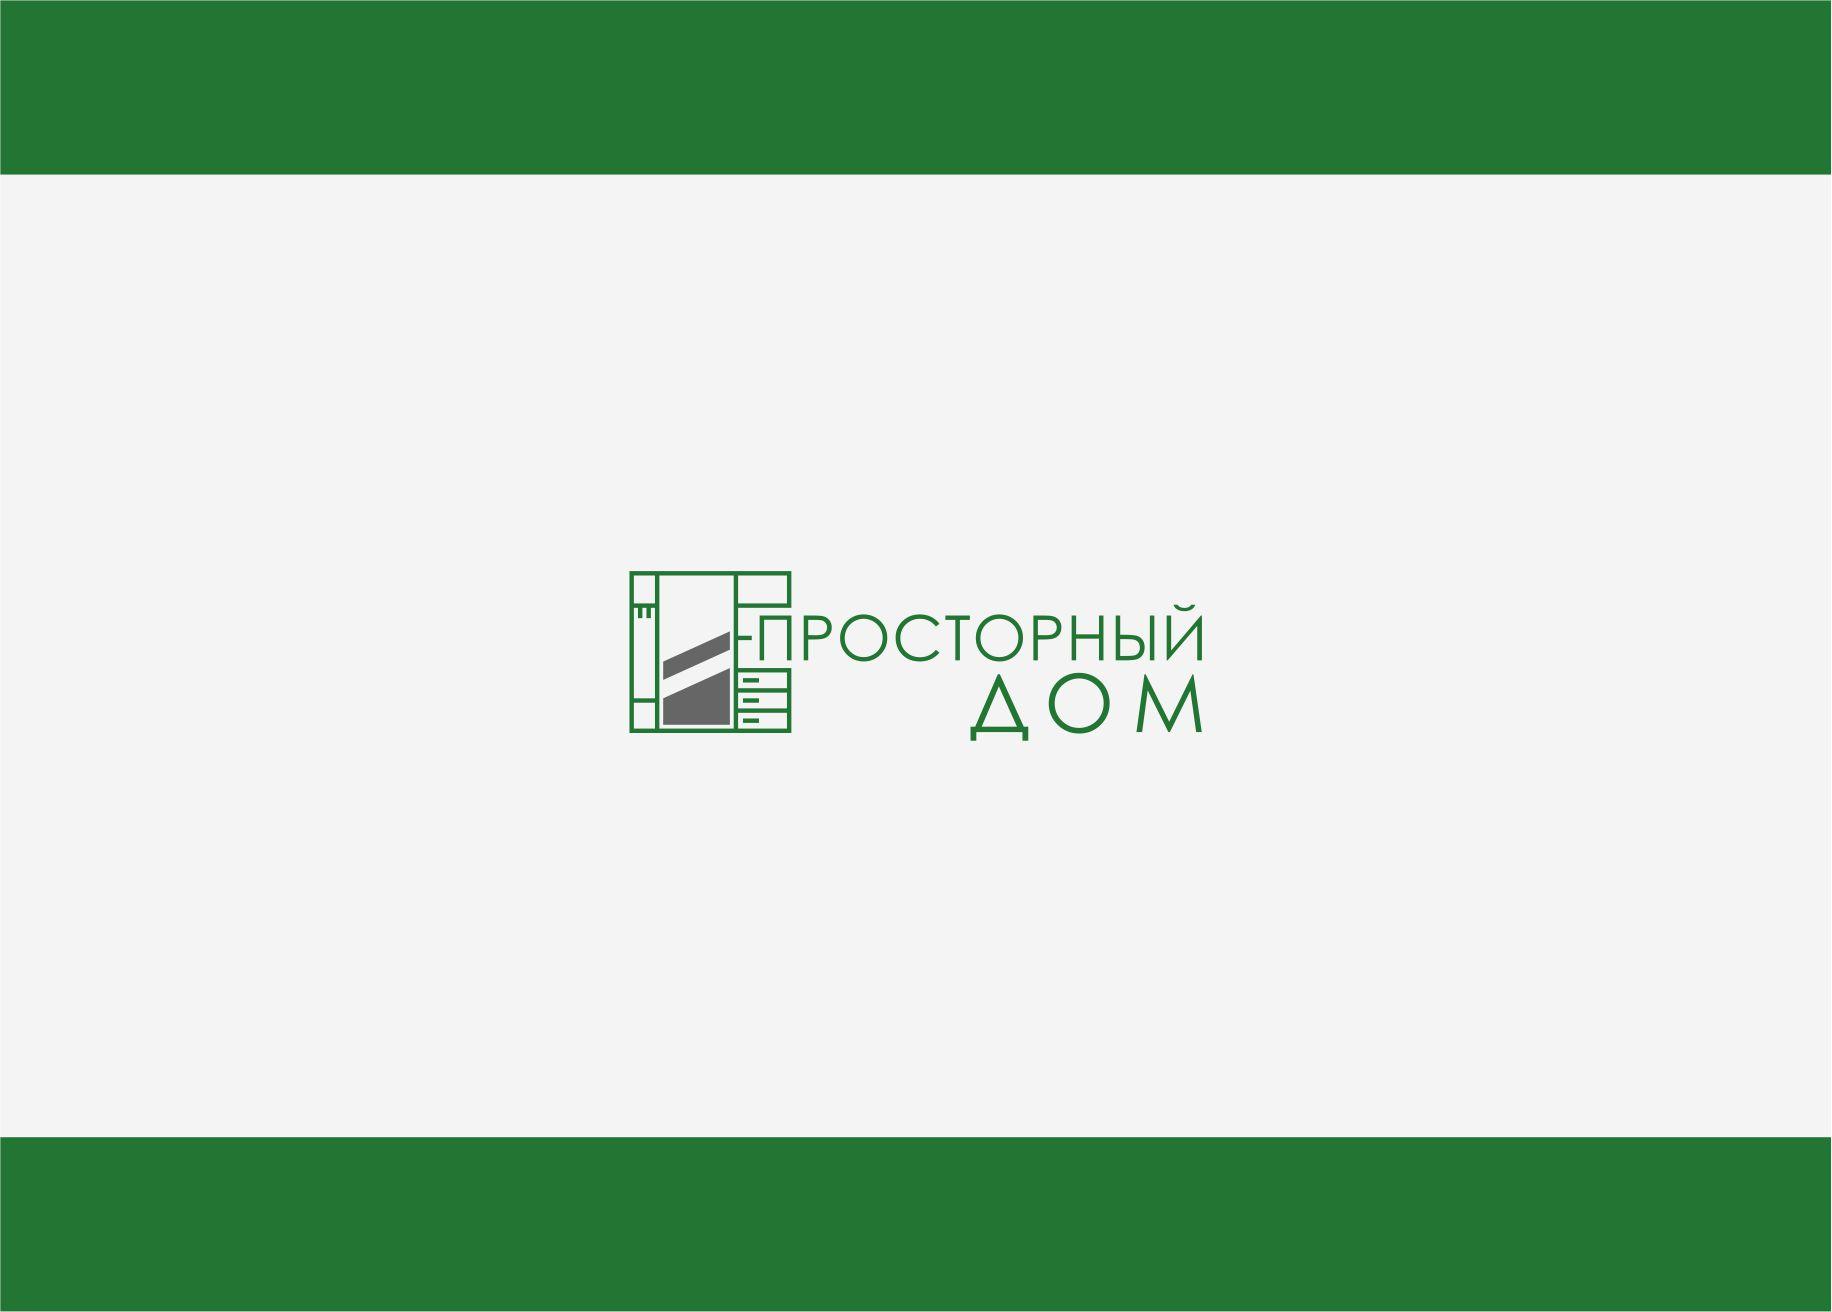 Логотип и фирменный стиль для компании по шкафам-купе фото f_6755b6d394a4ce62.jpg